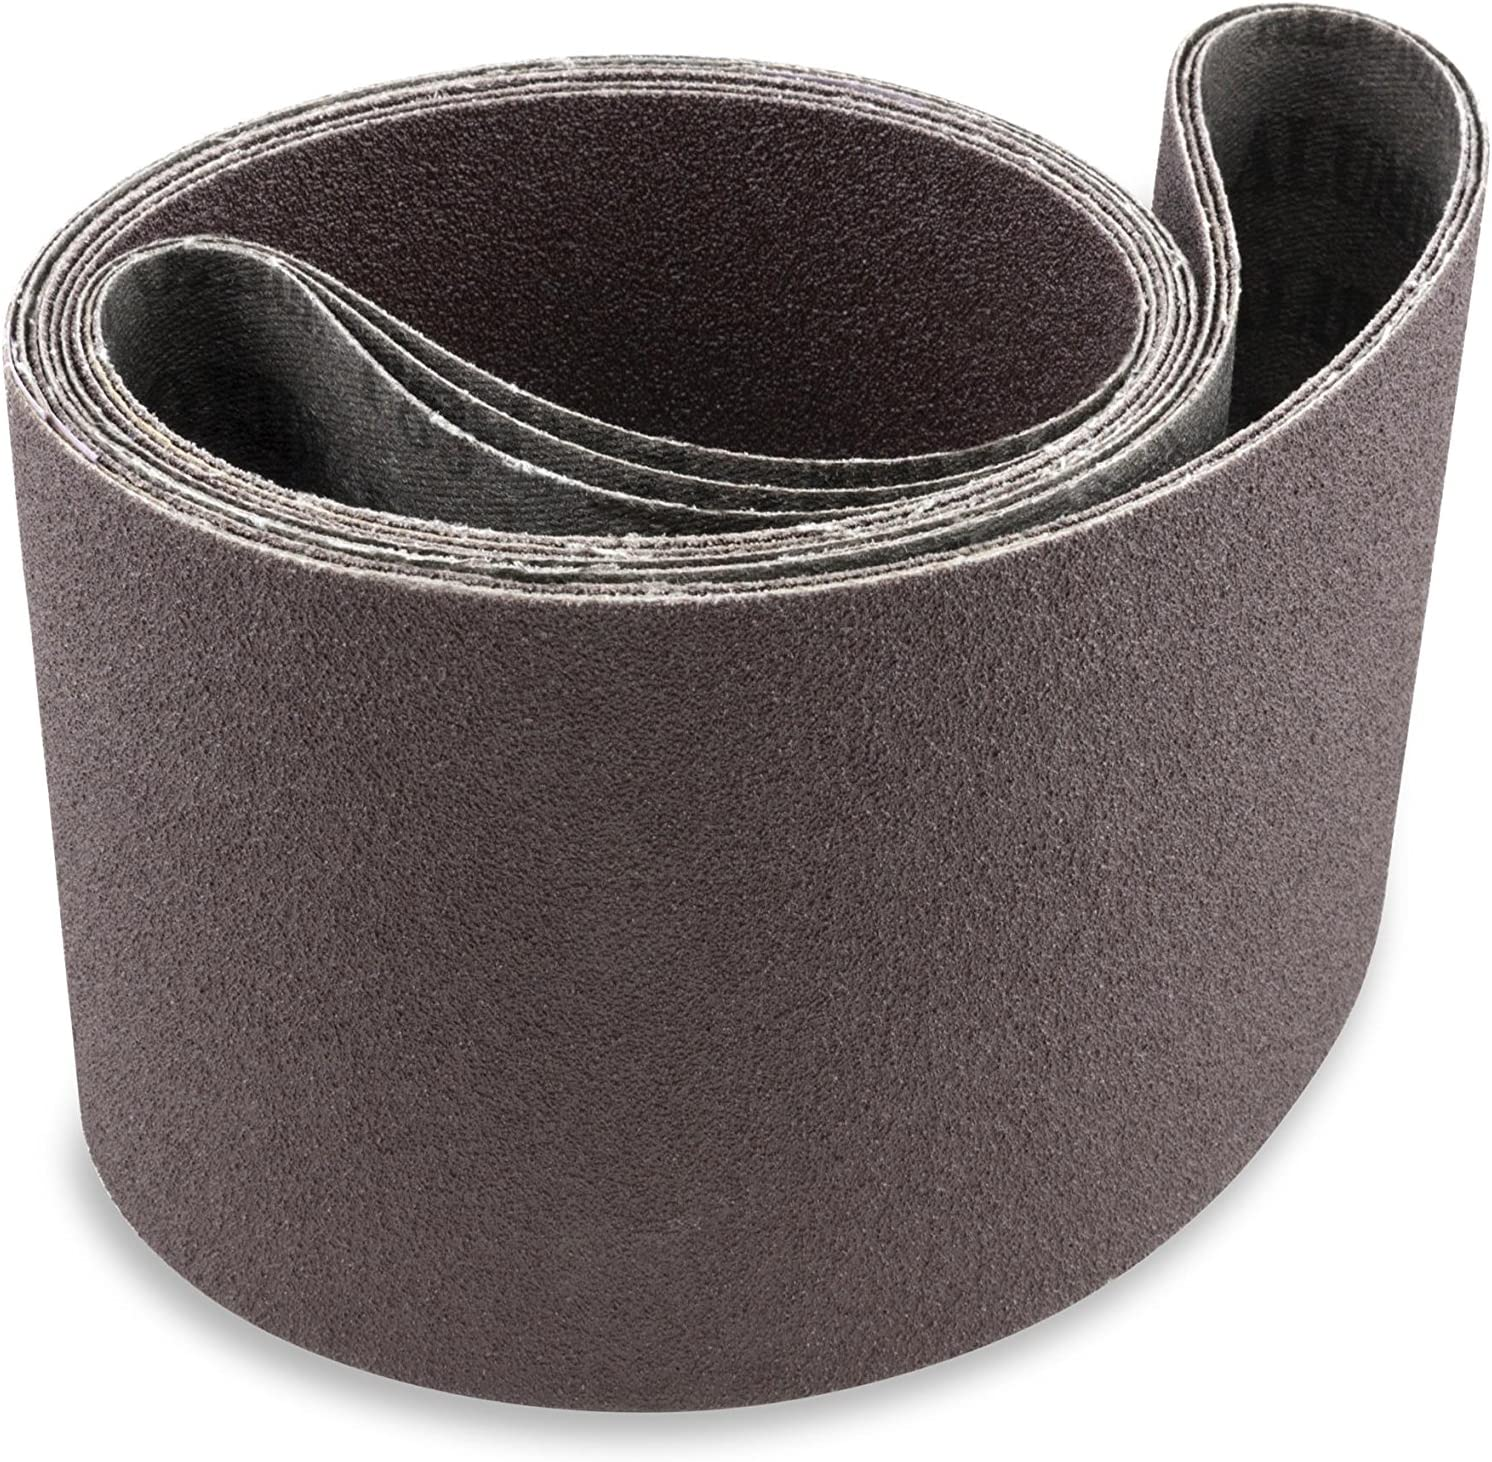 6 x 89 120 grit A//O  sanding belt